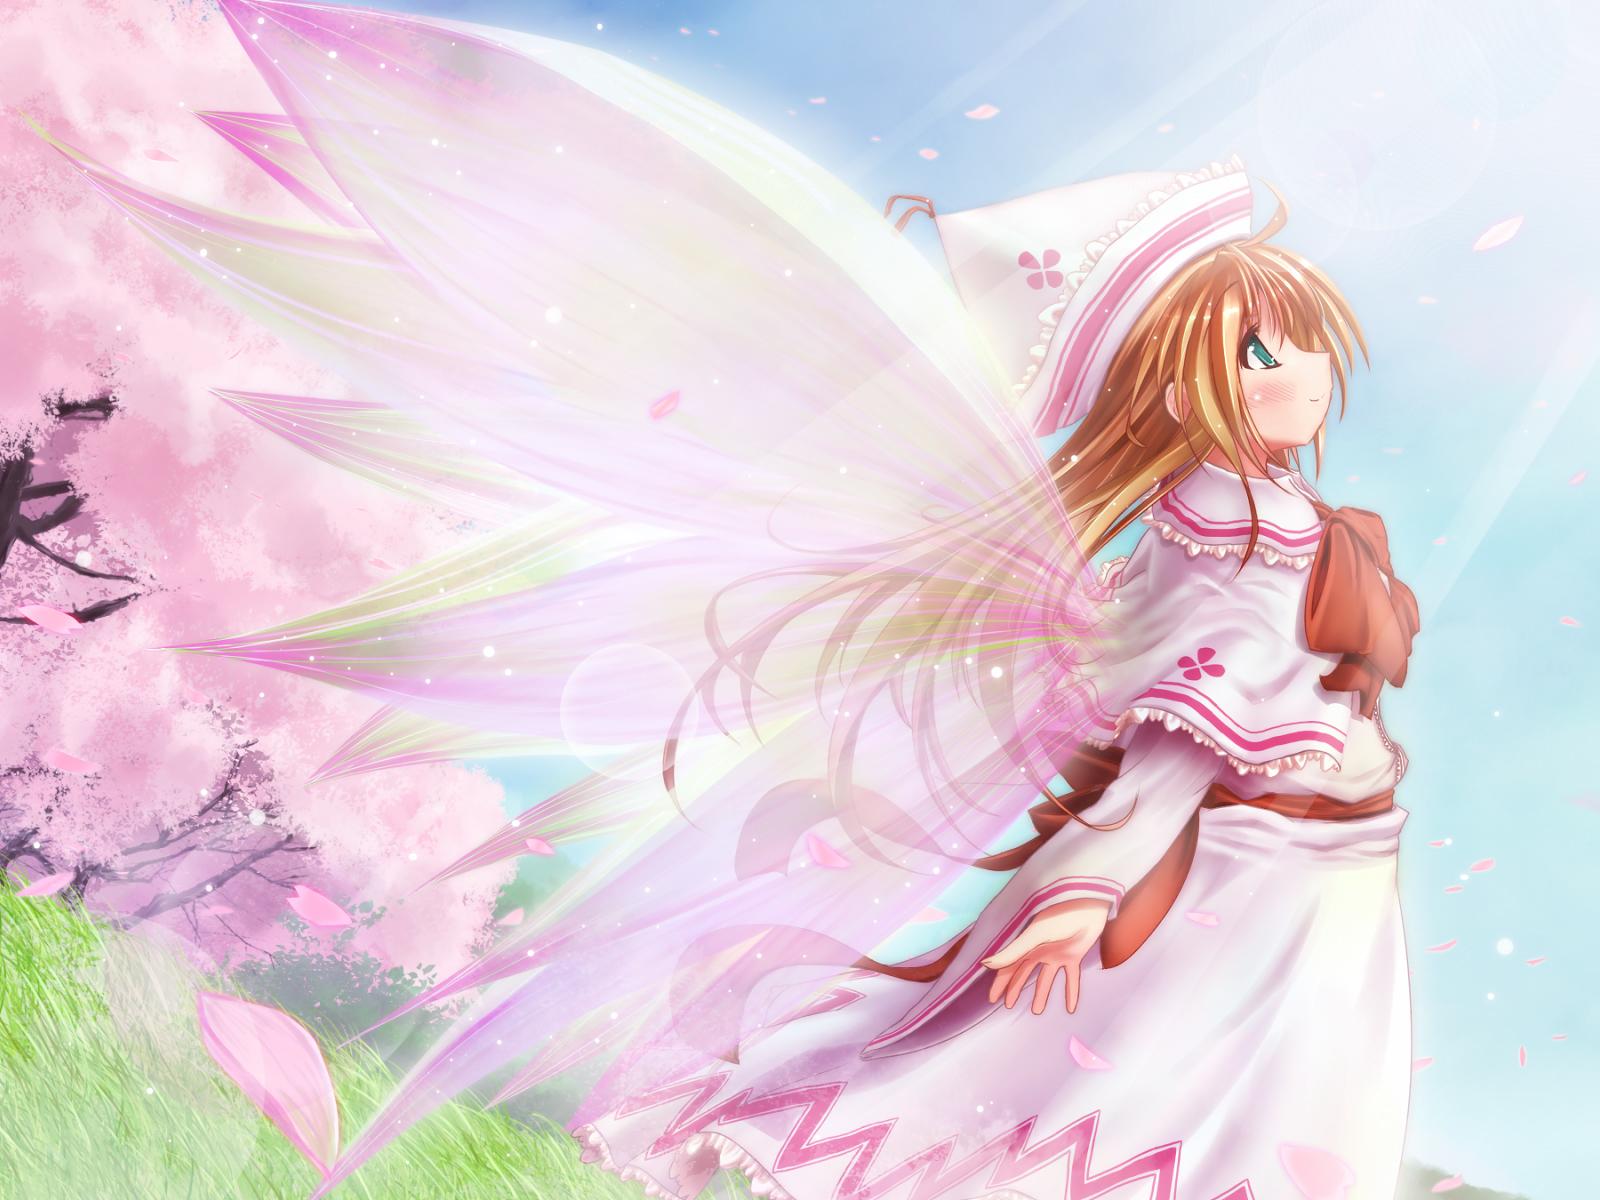 Wallpaper Anime 5